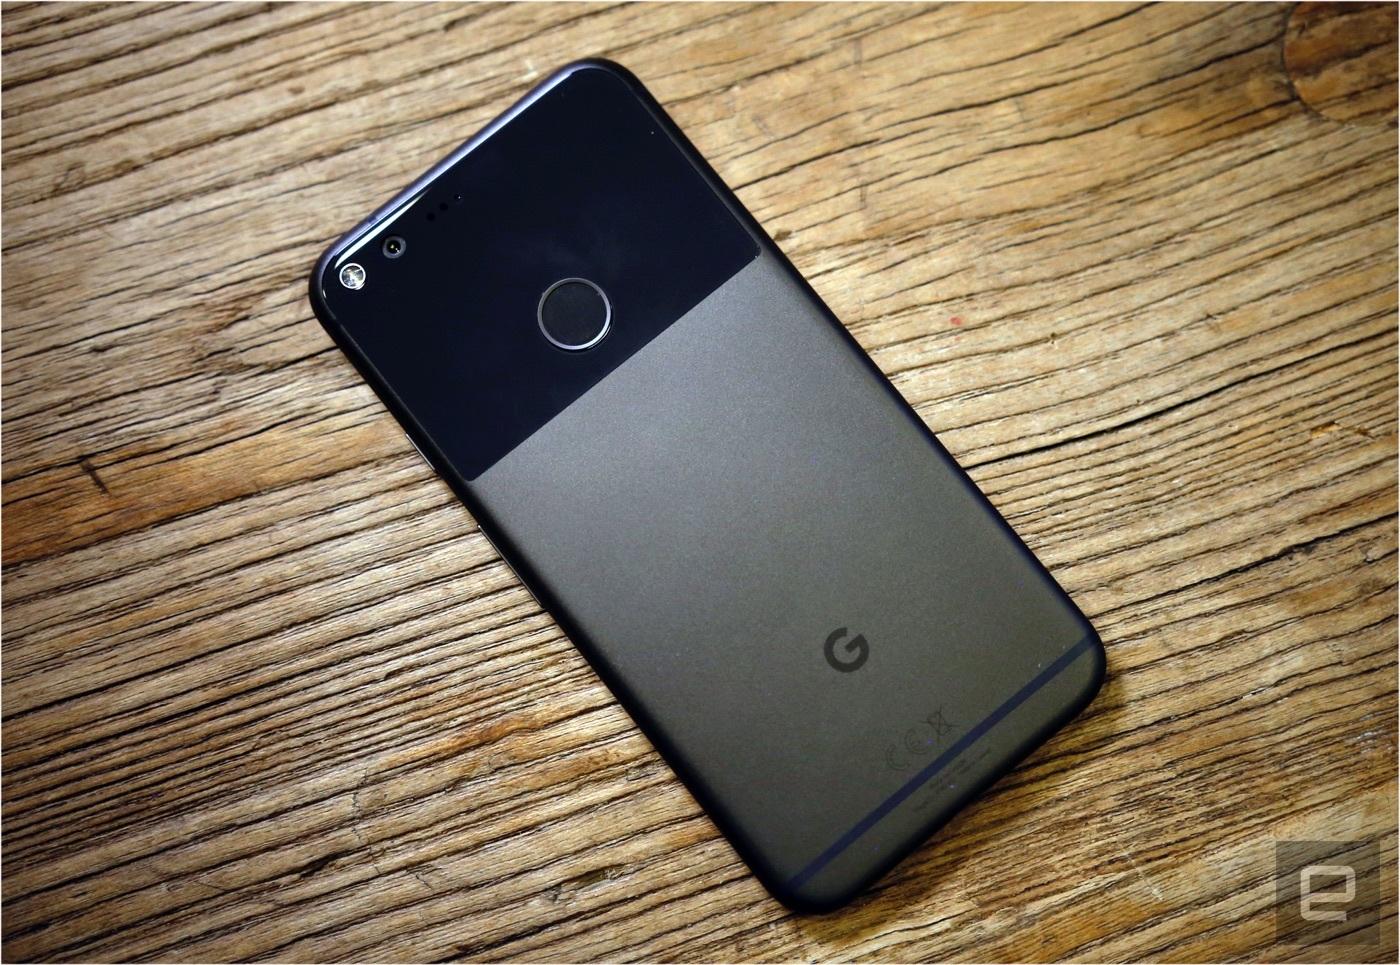 Selon Google, les Pixel sont aussi bien sécurisés que les iPhone d'Apple